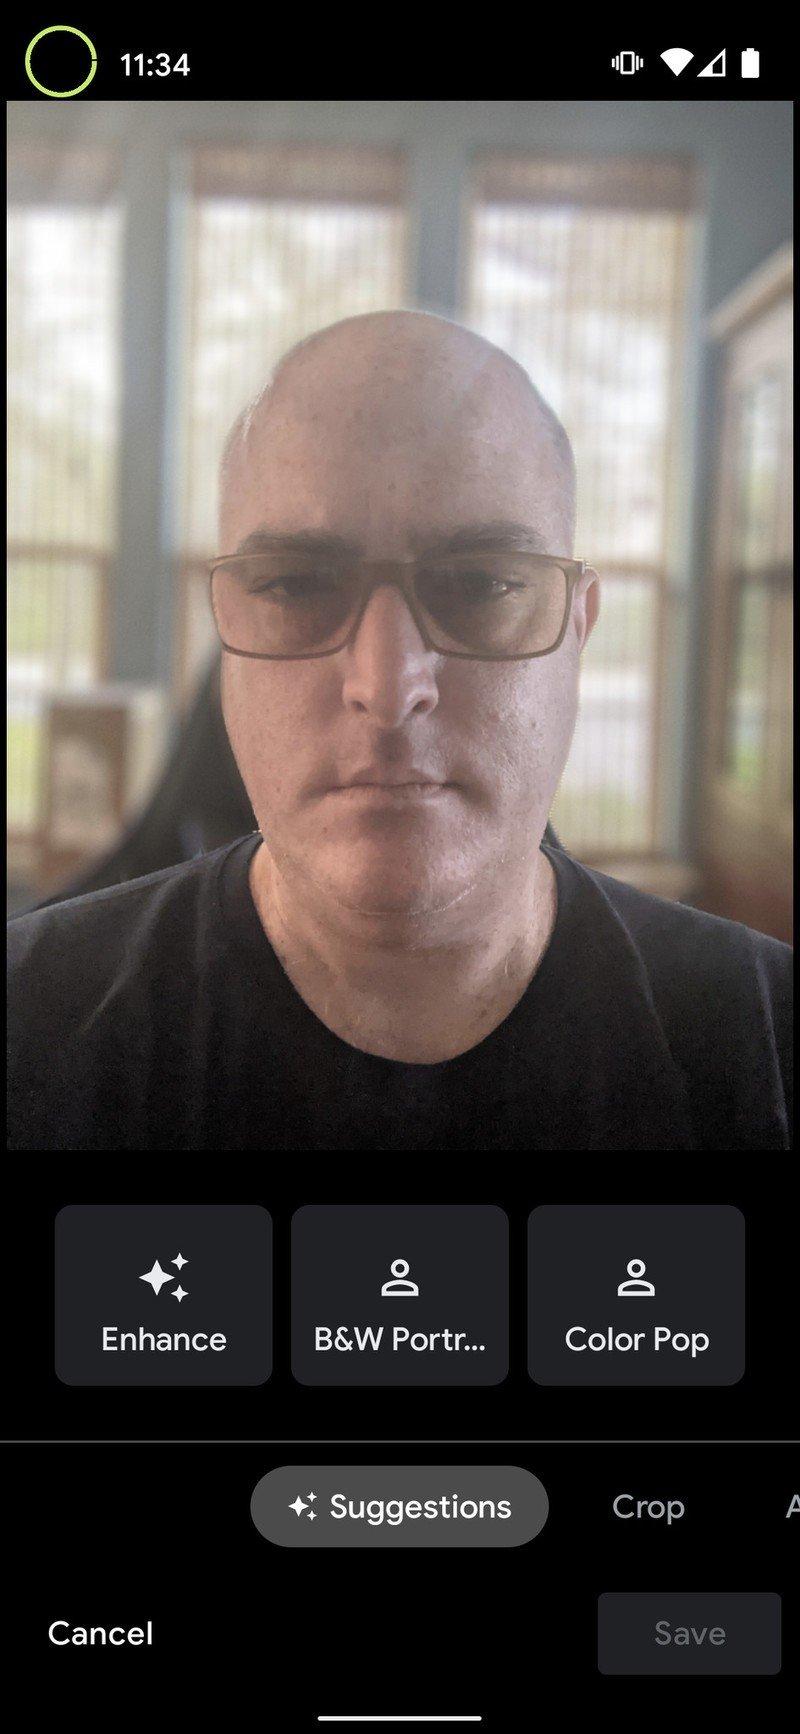 screenshot_20201008-113420.jpg